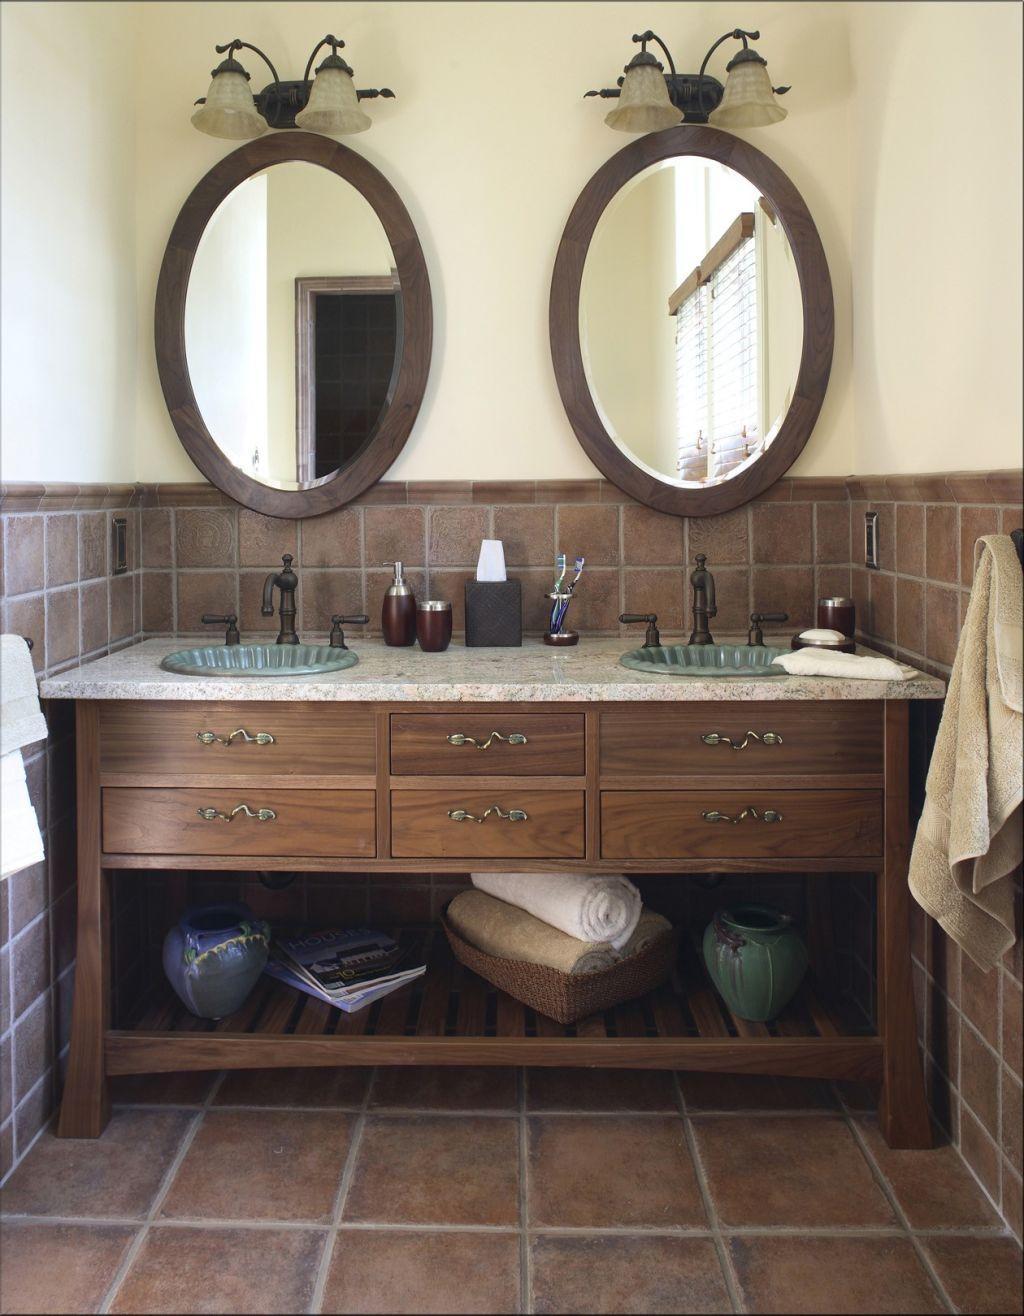 Oval Bathroom Mirrors Design | Homeoofficee Pertaining To Custom Bathroom Vanity Mirrors (View 19 of 20)